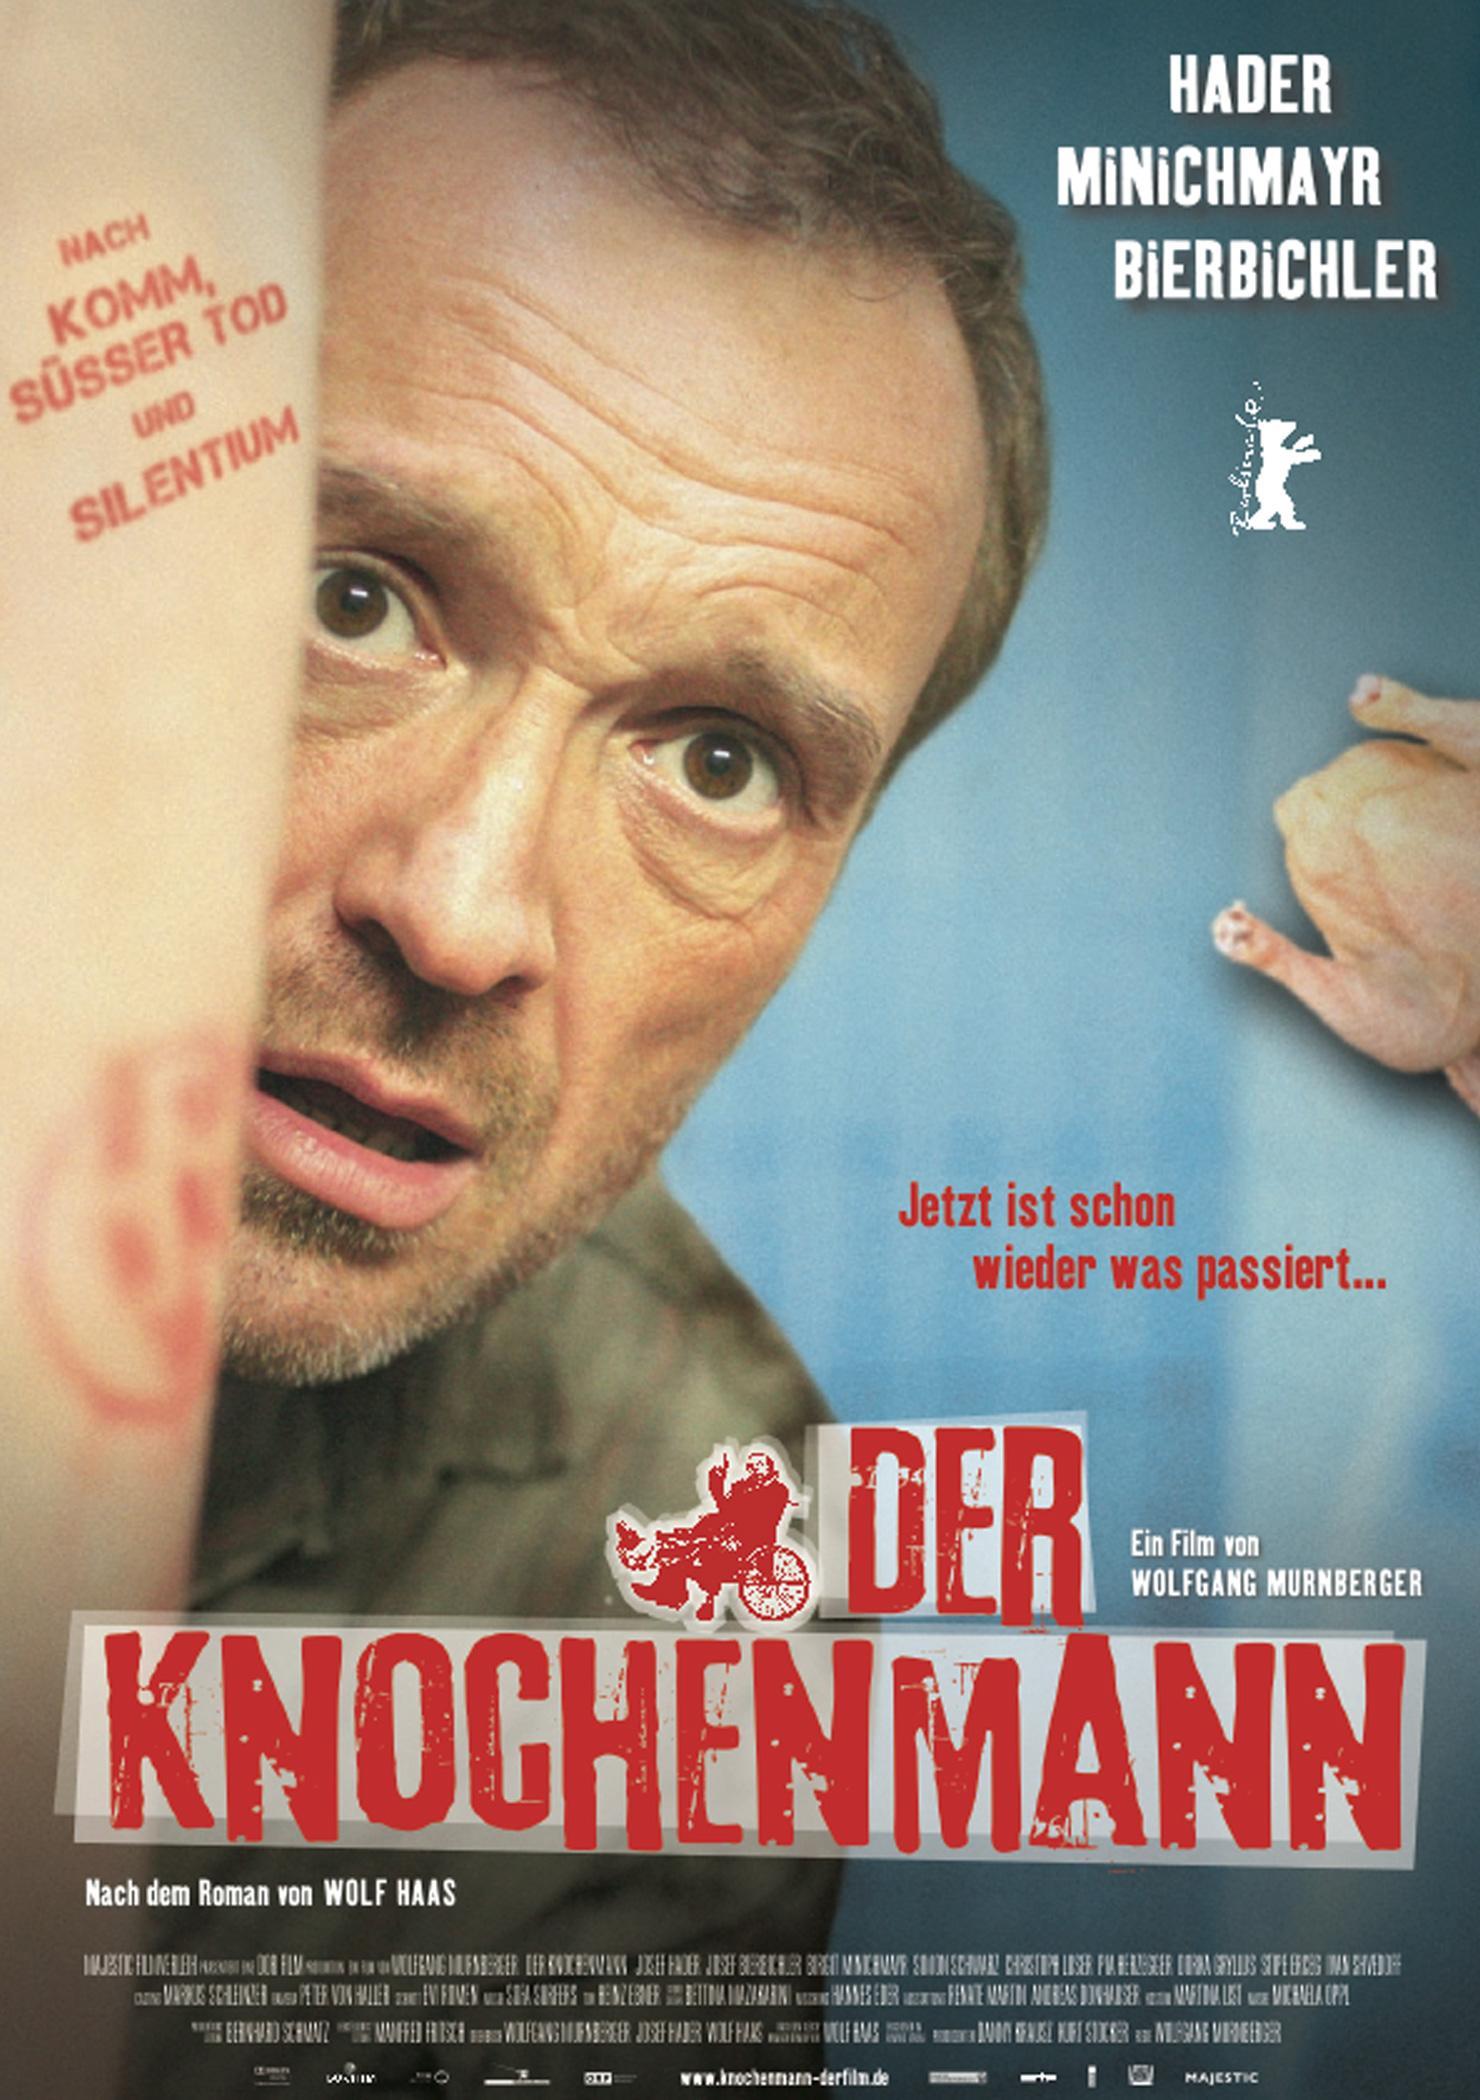 Der Knochenmann (Poster)